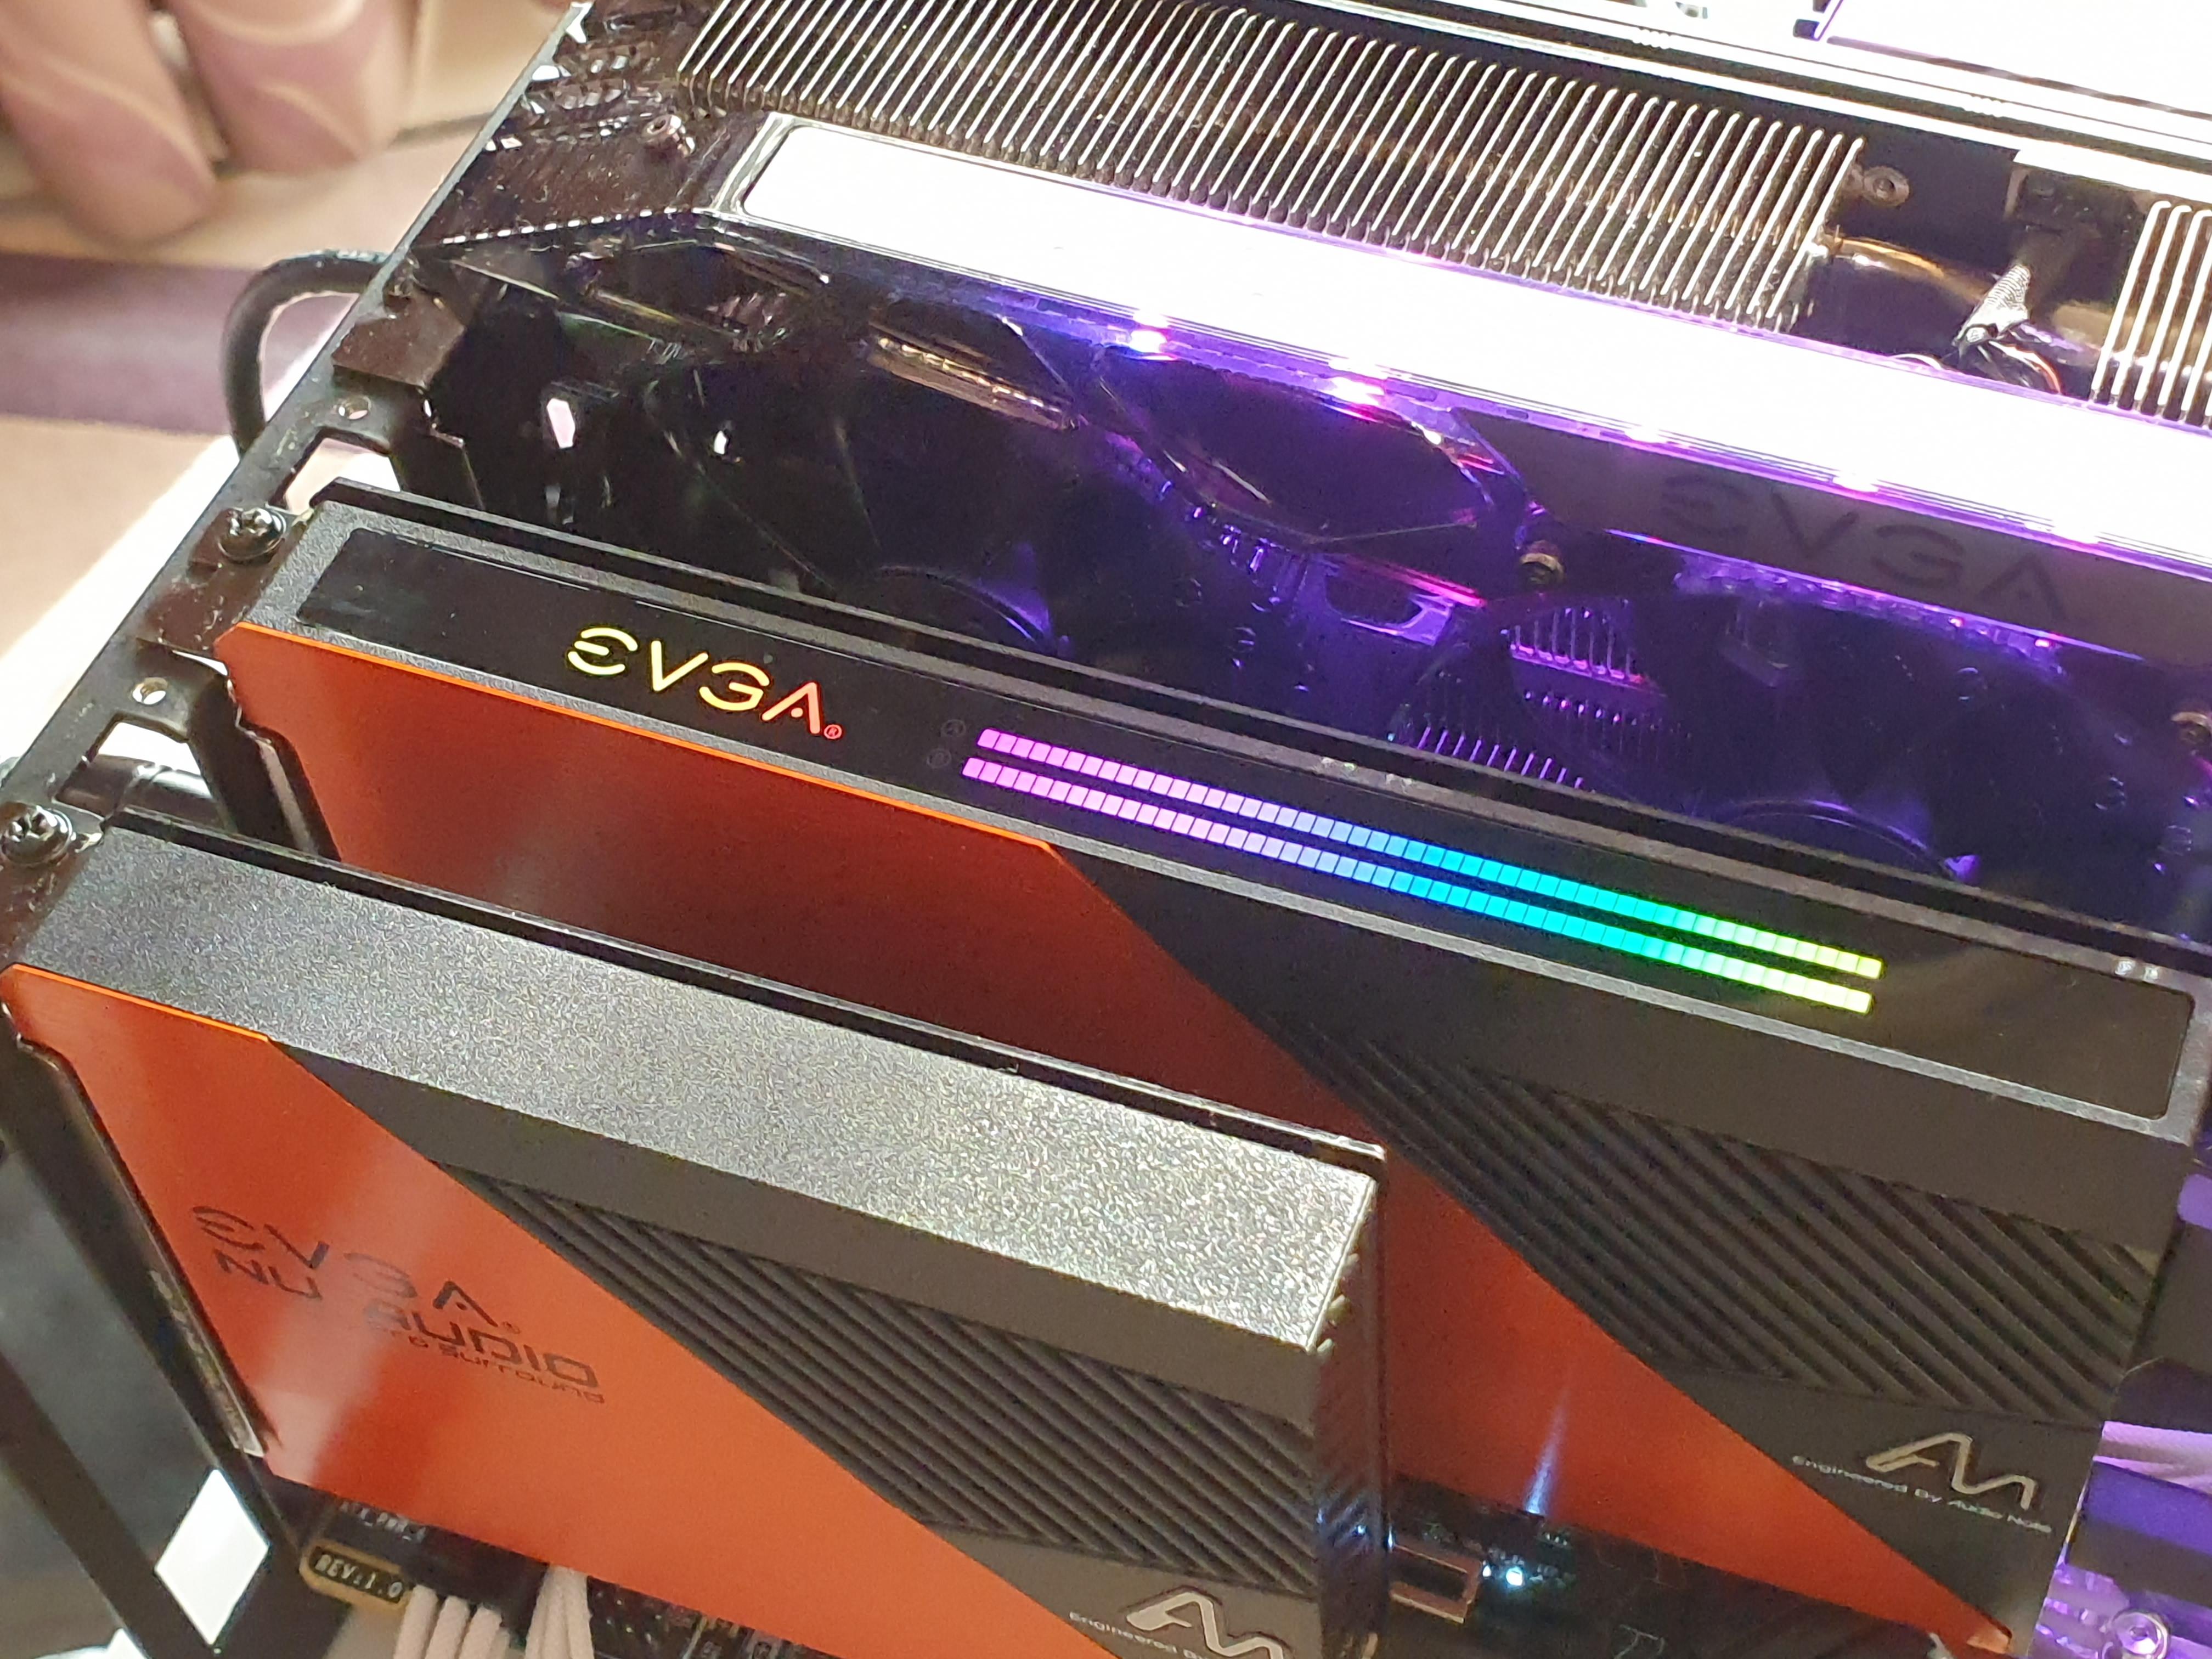 Evga Nu Audio Pro Review